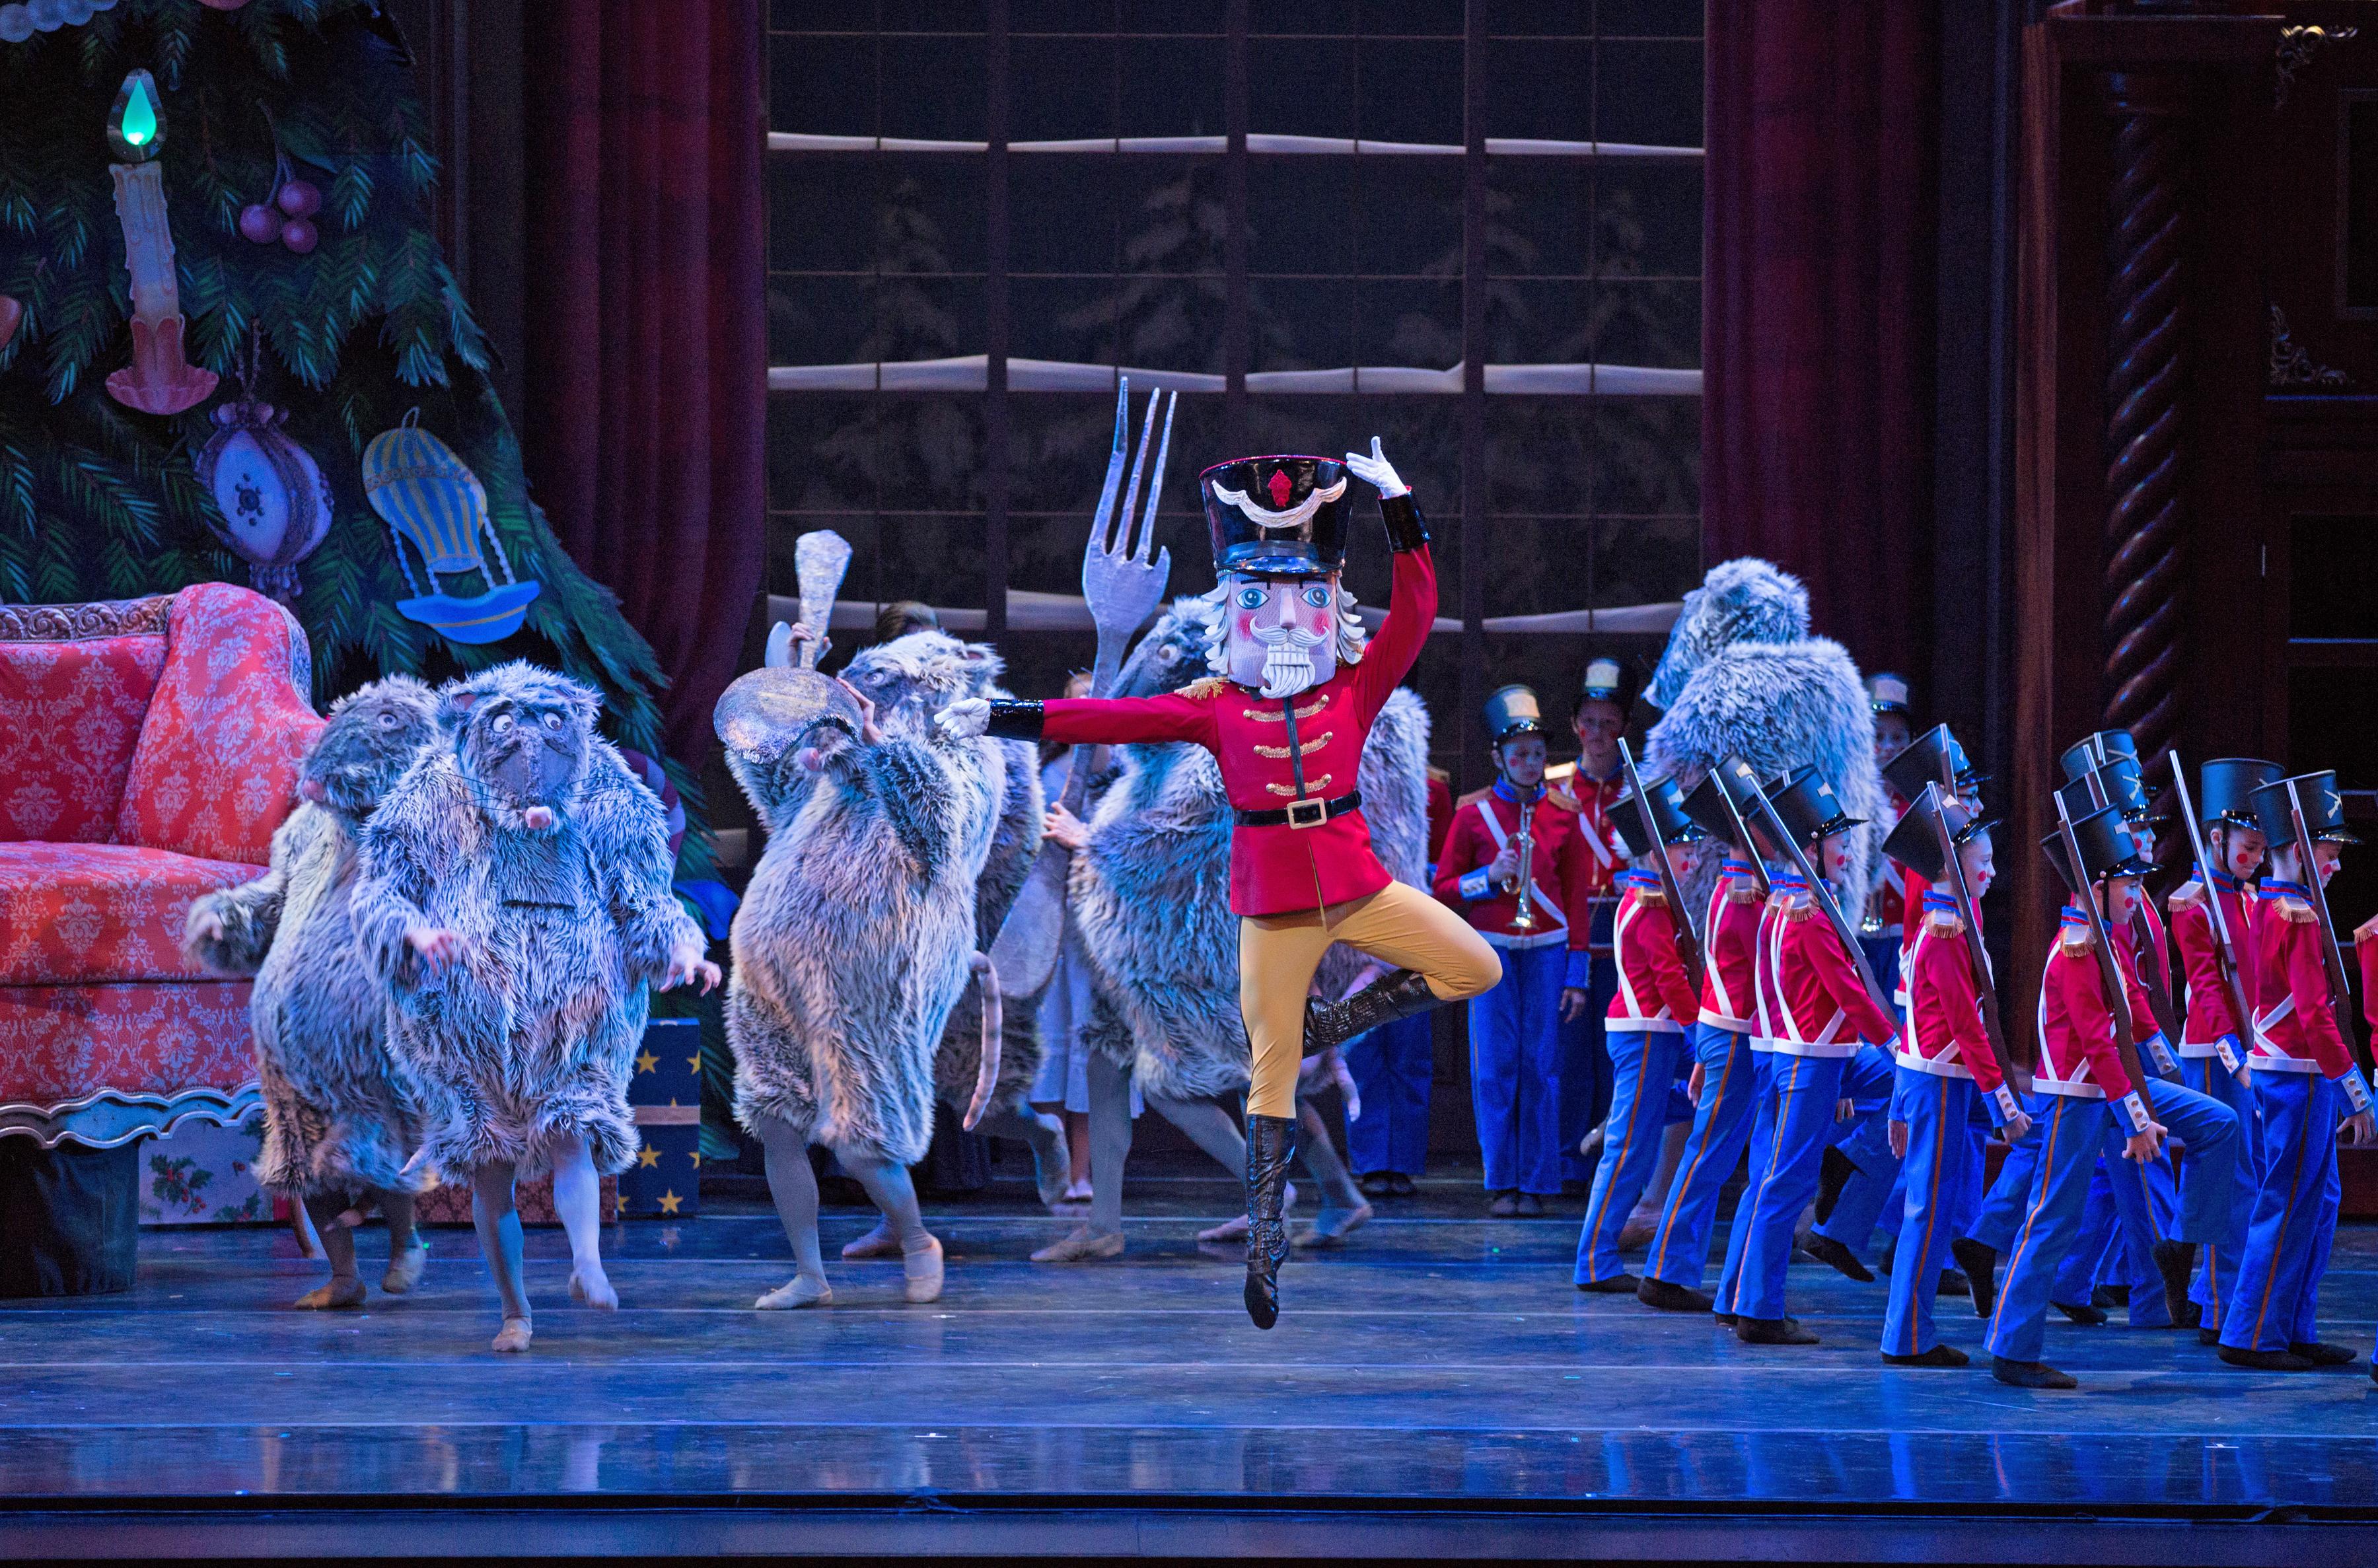 IN REVIEW: KC Ballet's new 'Nutcracker' is boisterous, busy, dazzling fun